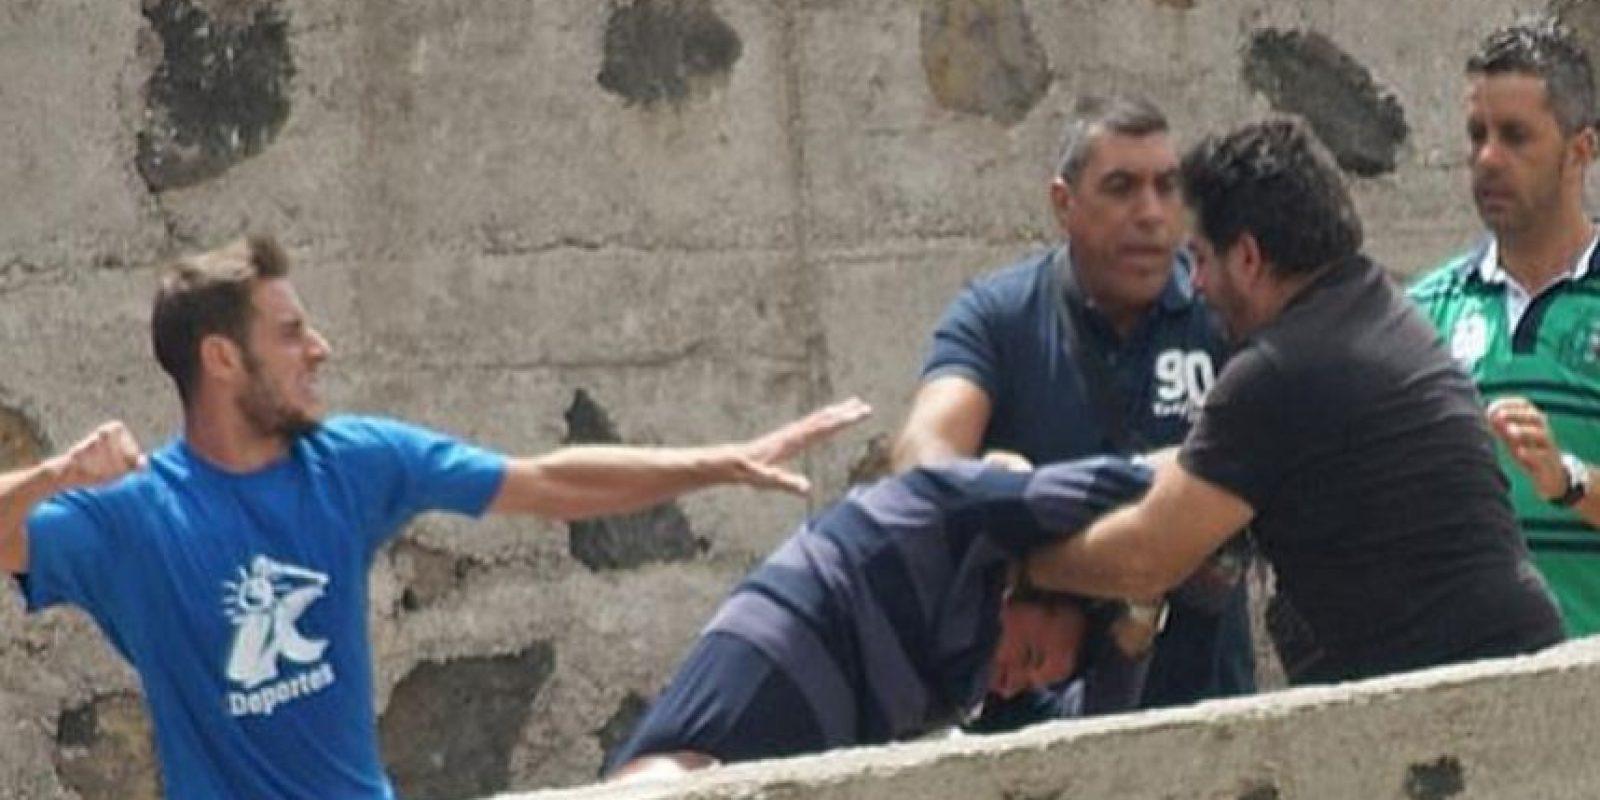 En septiembre del año pasado, en el duelo del Marino y Tenerife B de la tercera división de España se armó una gresca, luego de que un aficionado insultara a la familia de un futbolista. Foto:Twitter: @marca